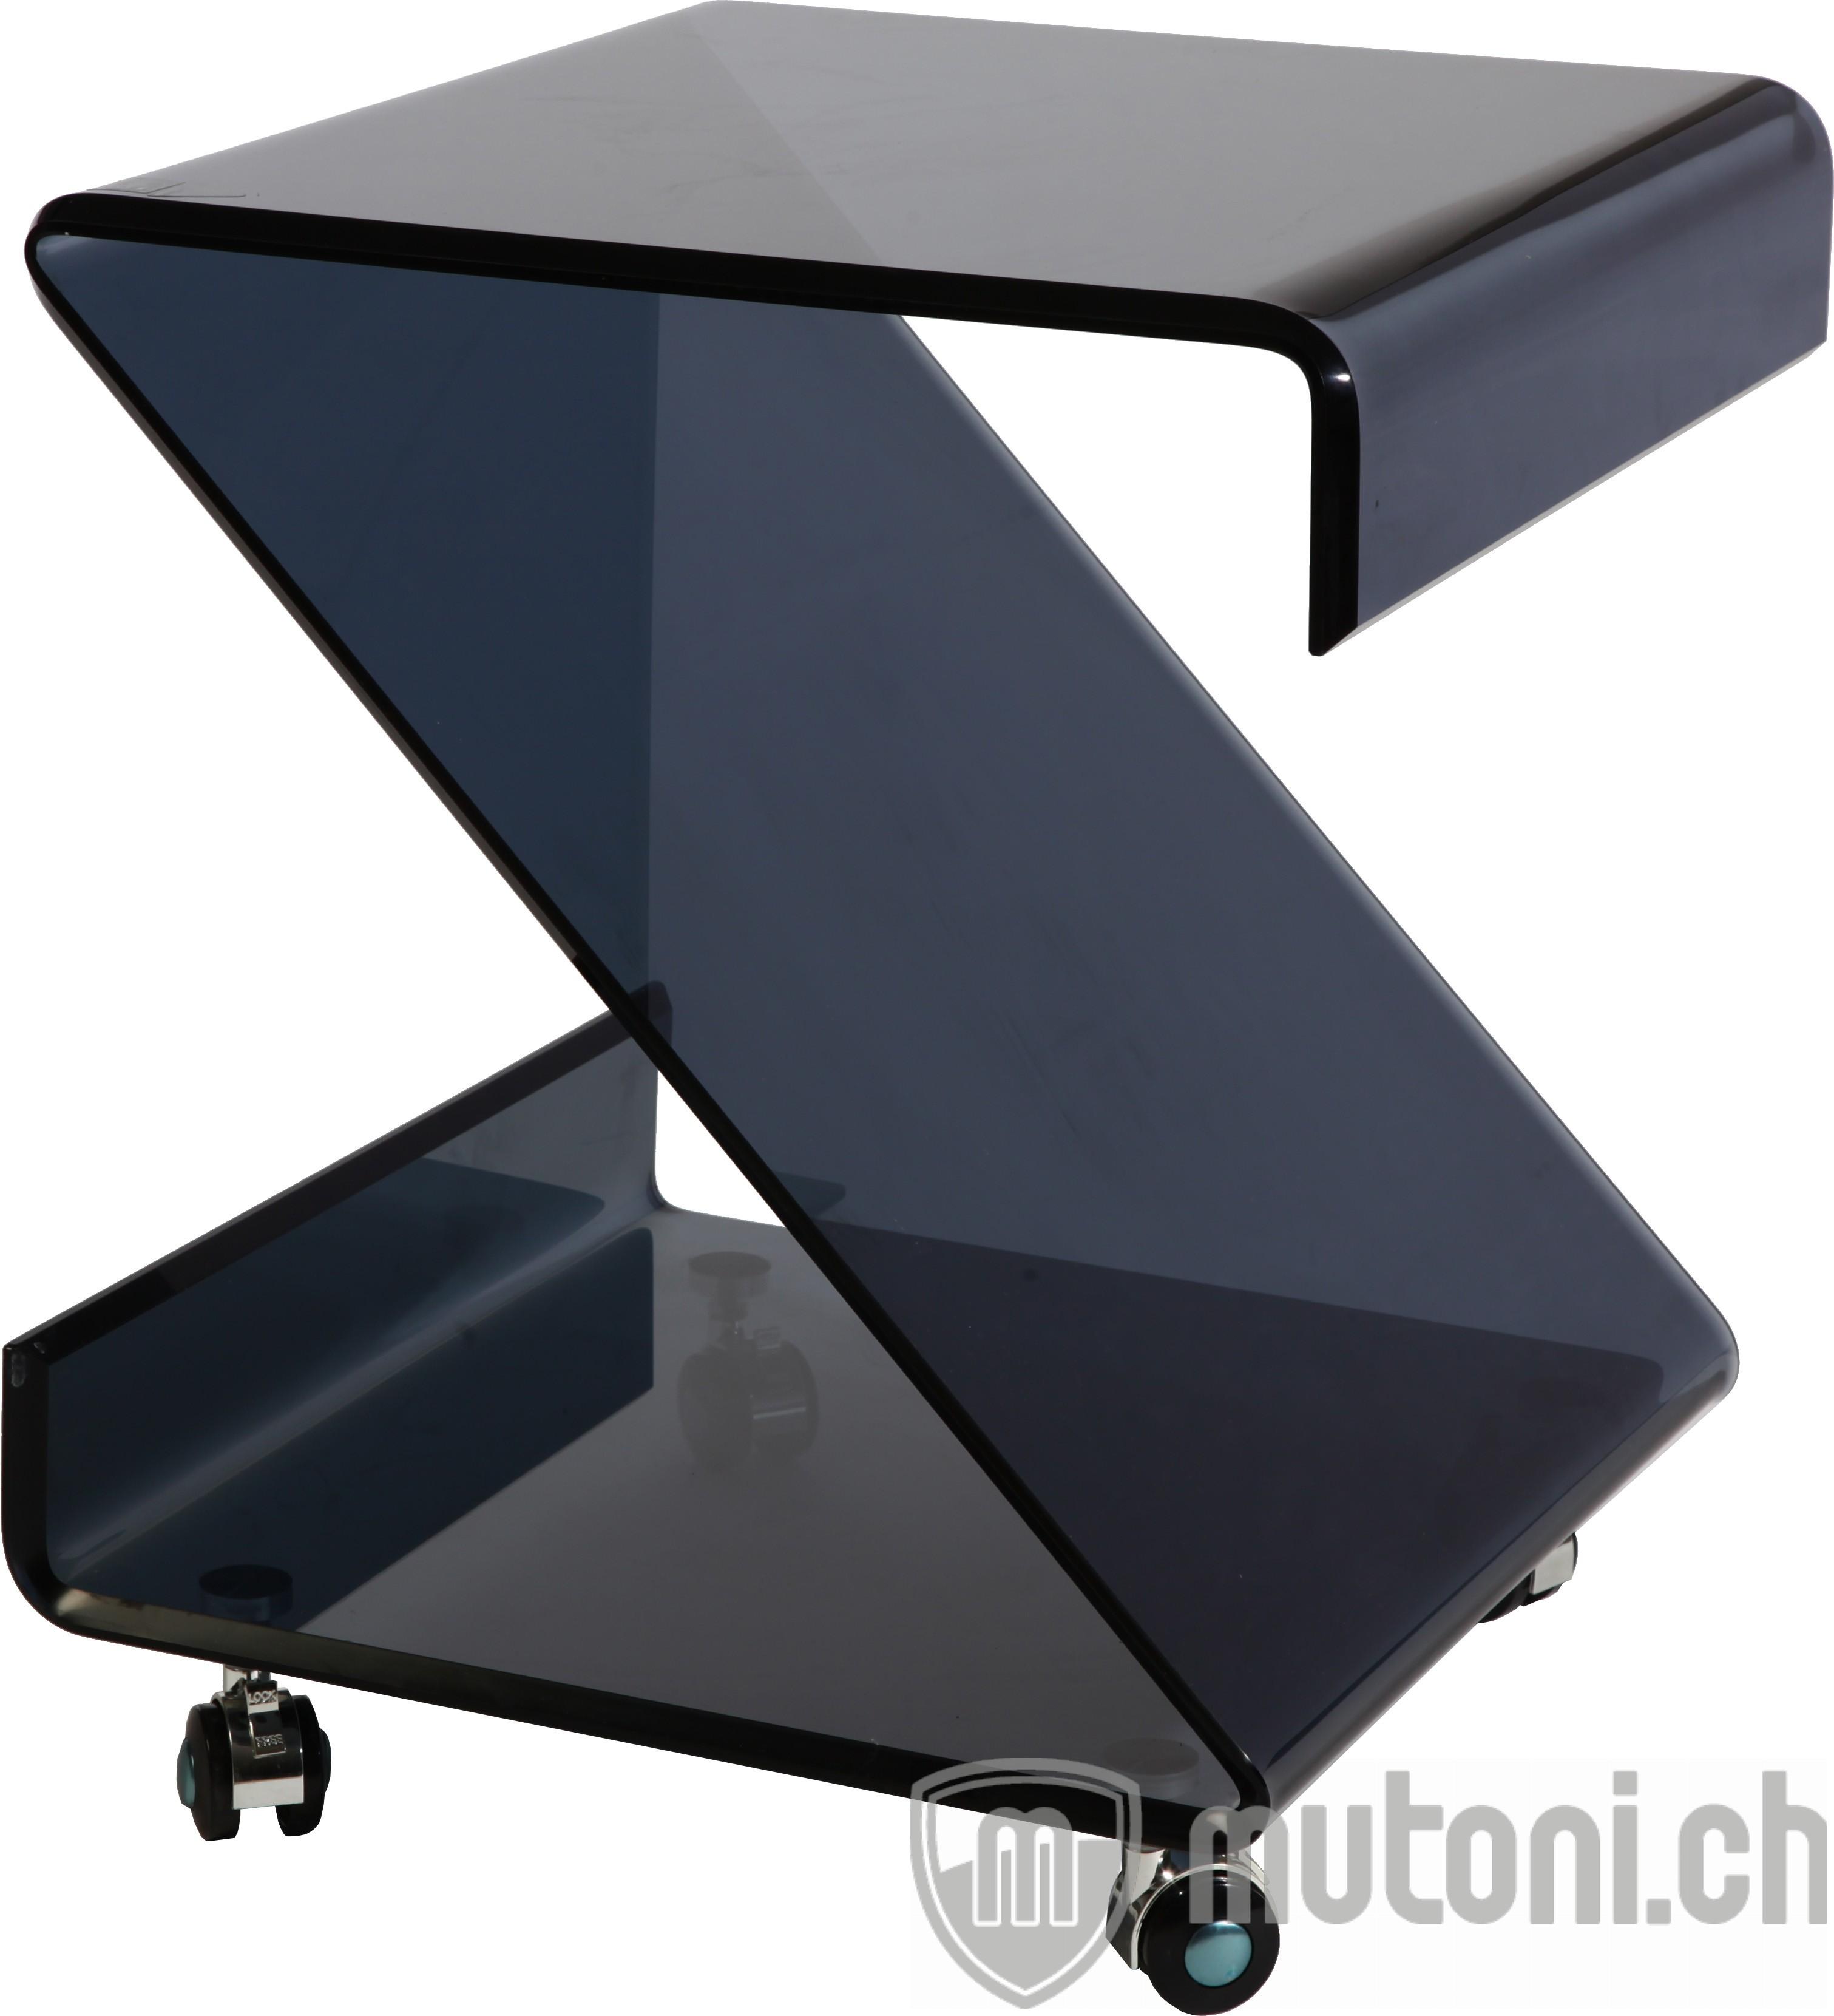 Beistelltisch z schwarz mutoni design mutoni m bel for Beistelltisch design schwarz